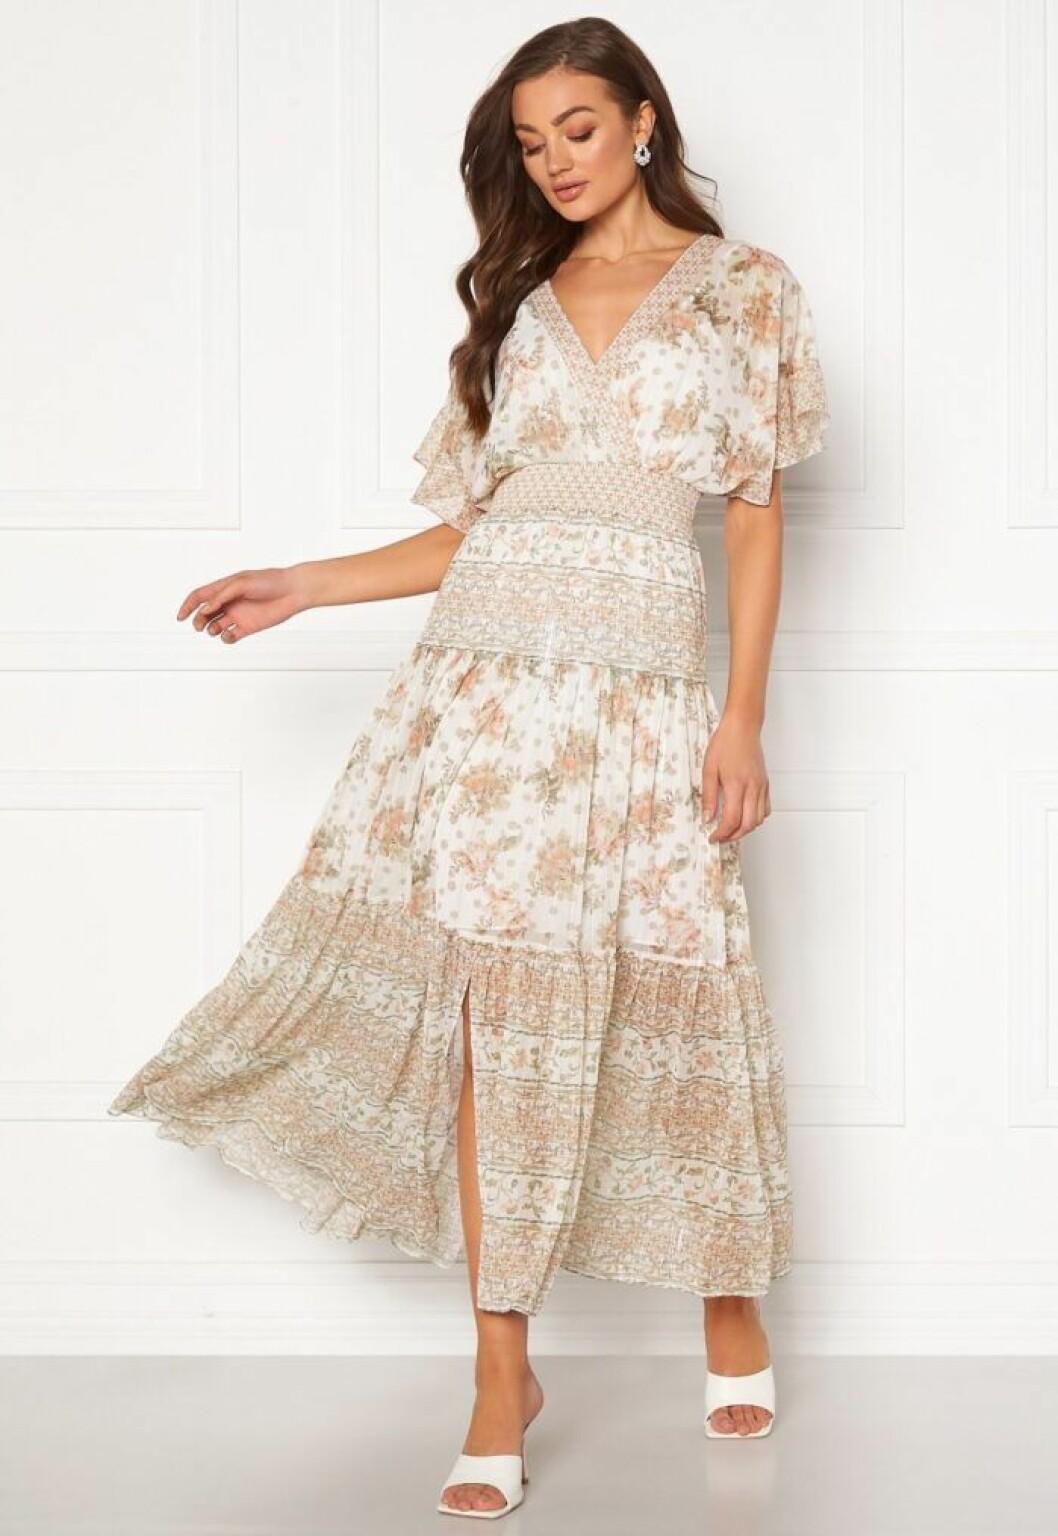 Blommig klänning med smock i midjan till 2020